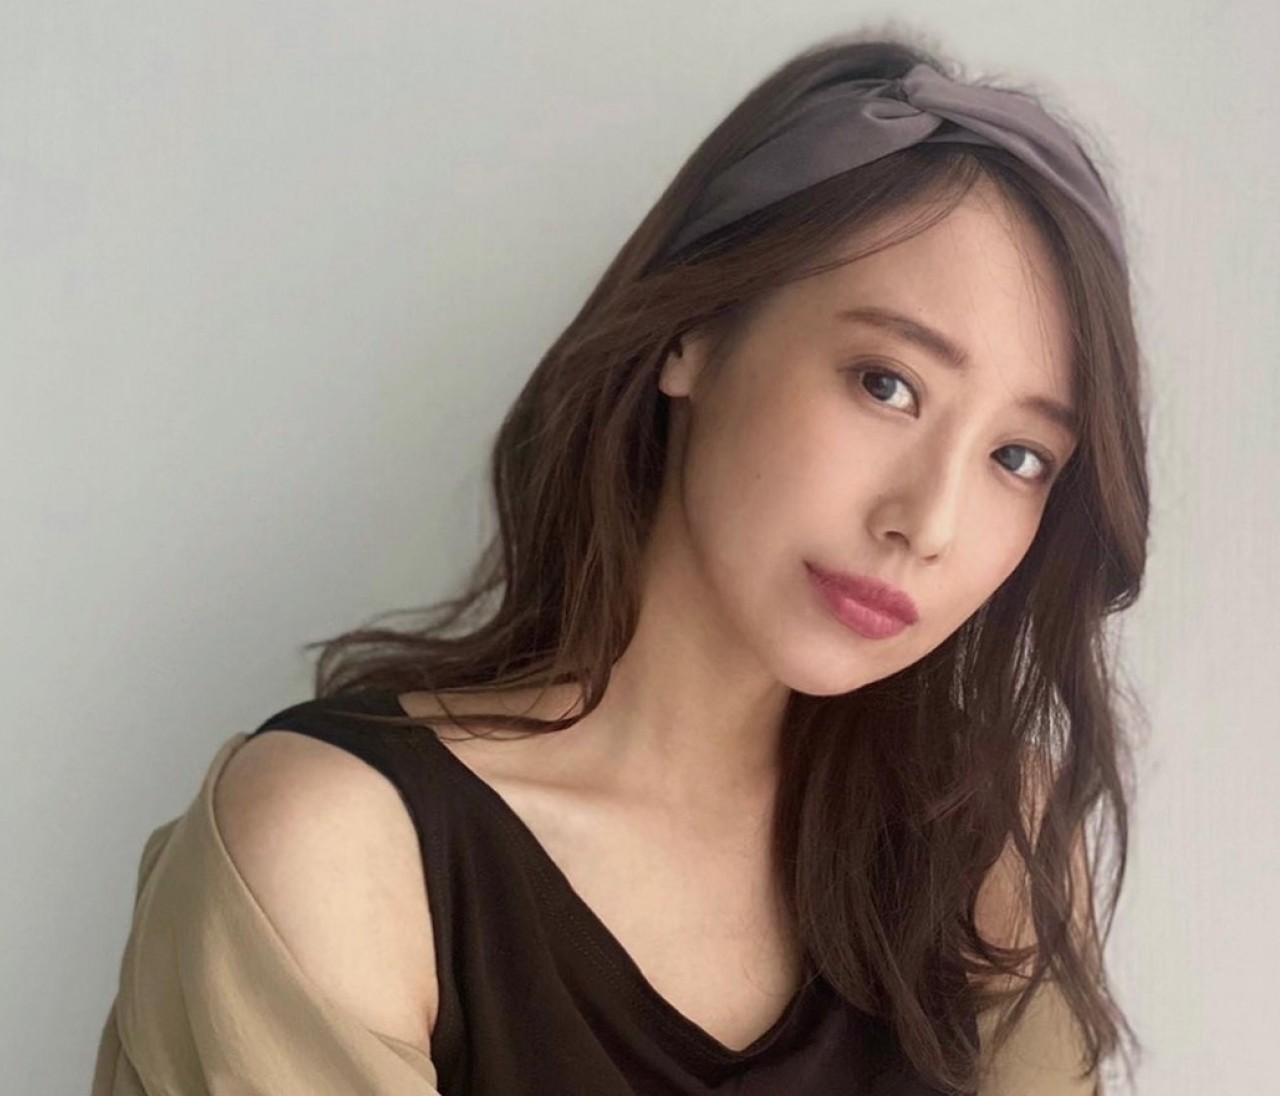 【30代大人の】秋服×ブラウンカラーリップがかわいい♡